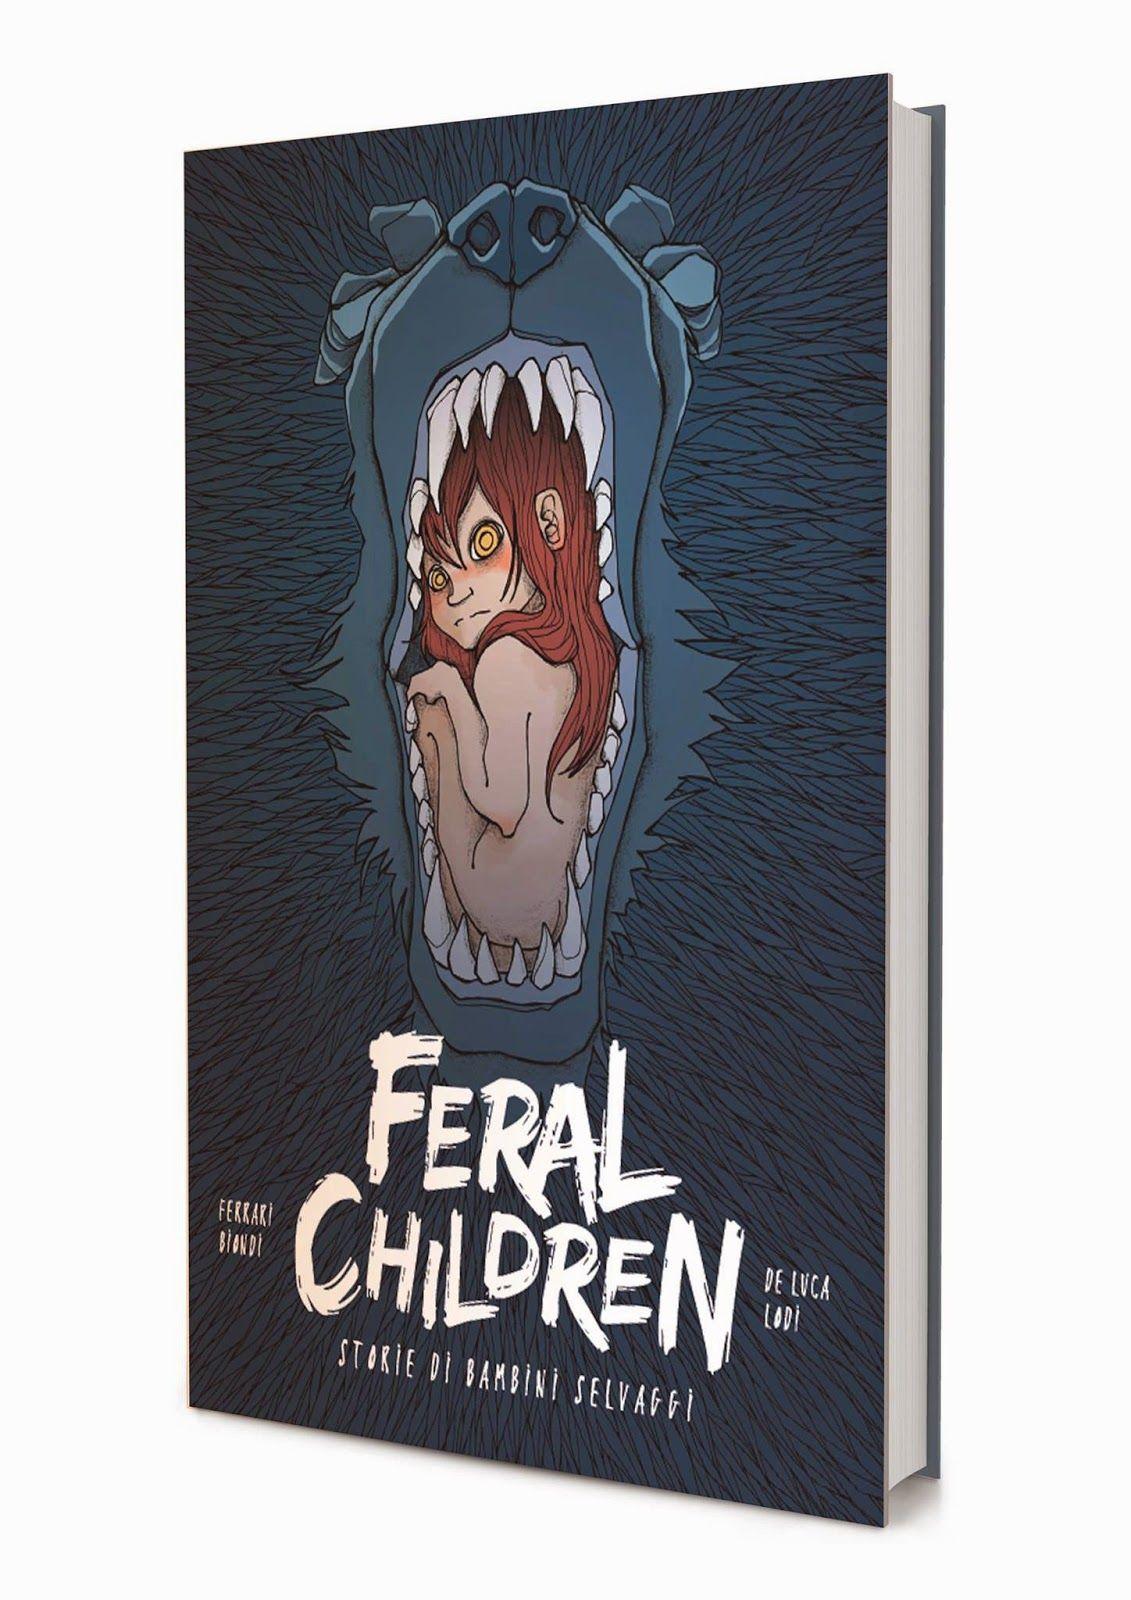 Feral Children - 2014 Disponibile solo in versione cartacea: http://www.fumetto-online.it/it/ricerca_editore.php?EDITORE=MANTICORA%20AUTOPRODUZIONI&COLLANA=FERAL%20CHILDREN&vall=1